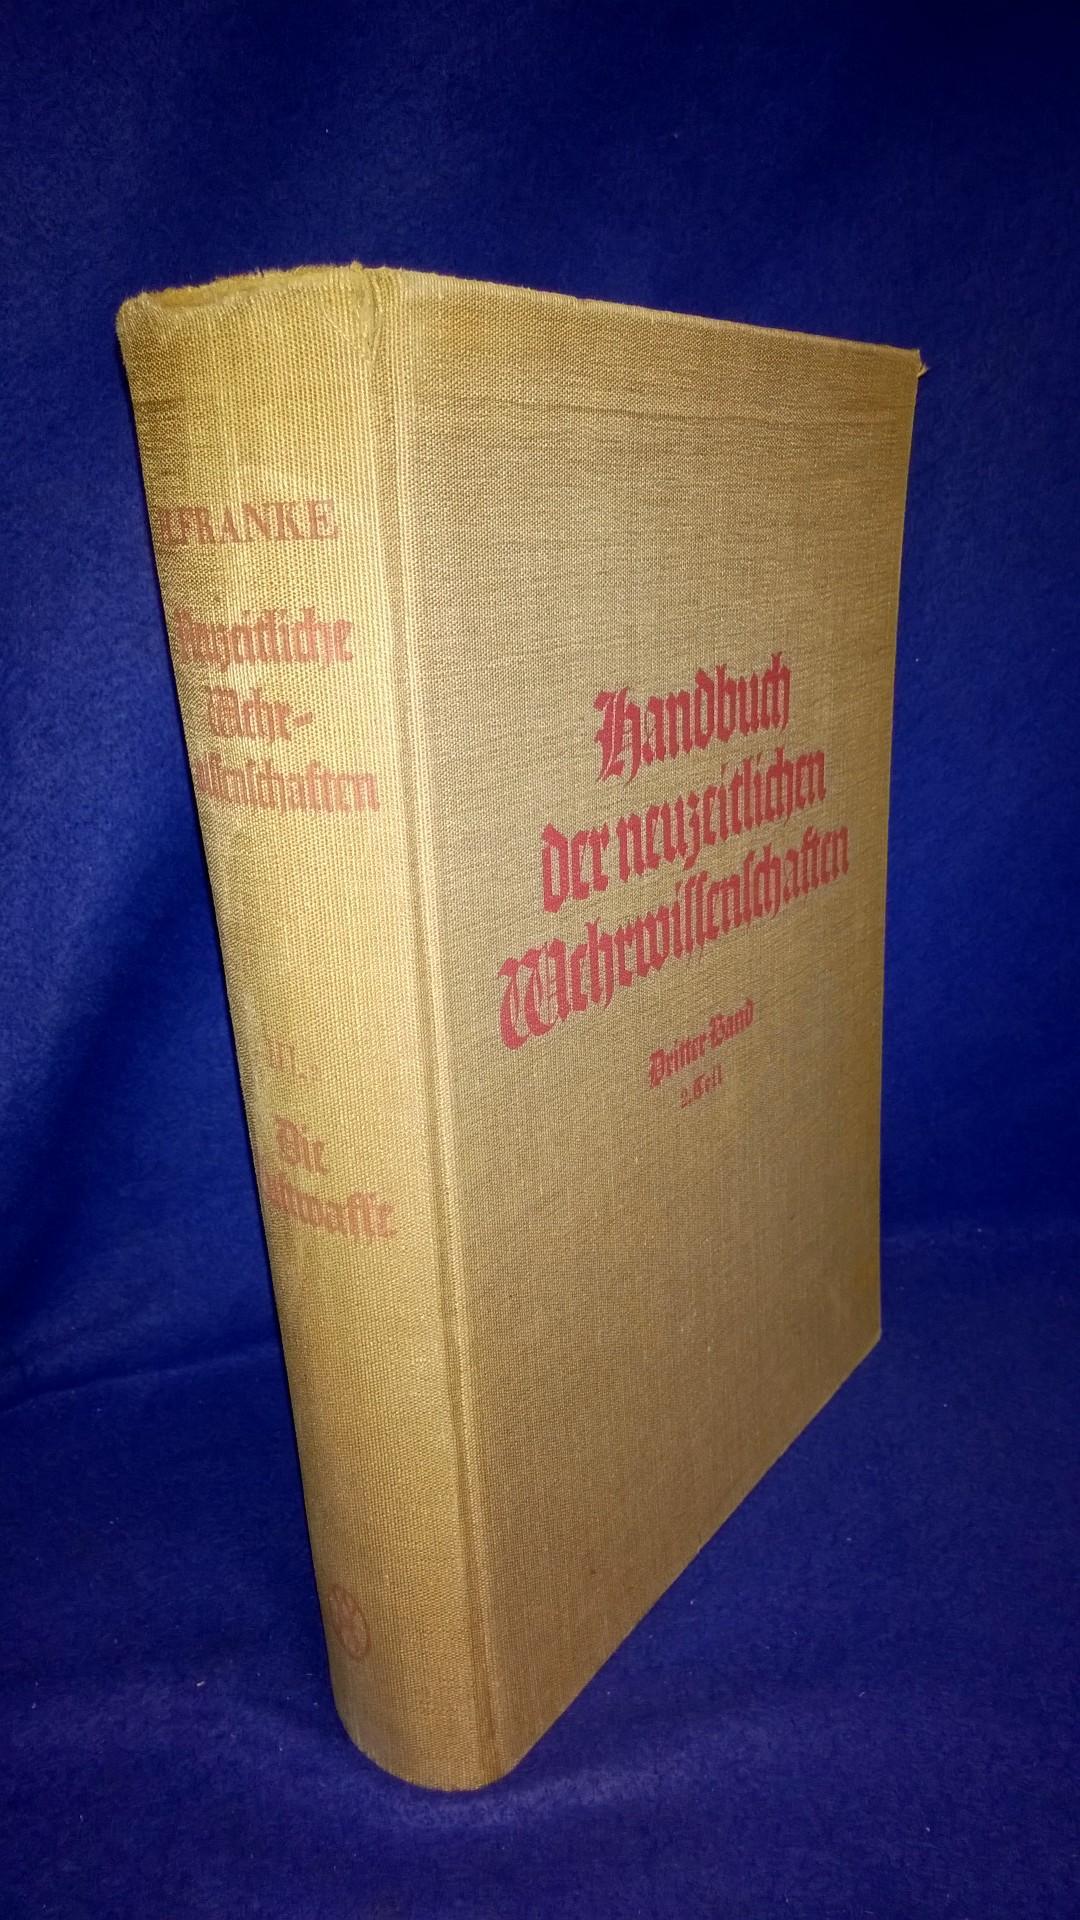 Handbuch der neuzeitlichen Wehrwissenschaften. Dritter Band. 2.Teil: Die Luftwaffe.